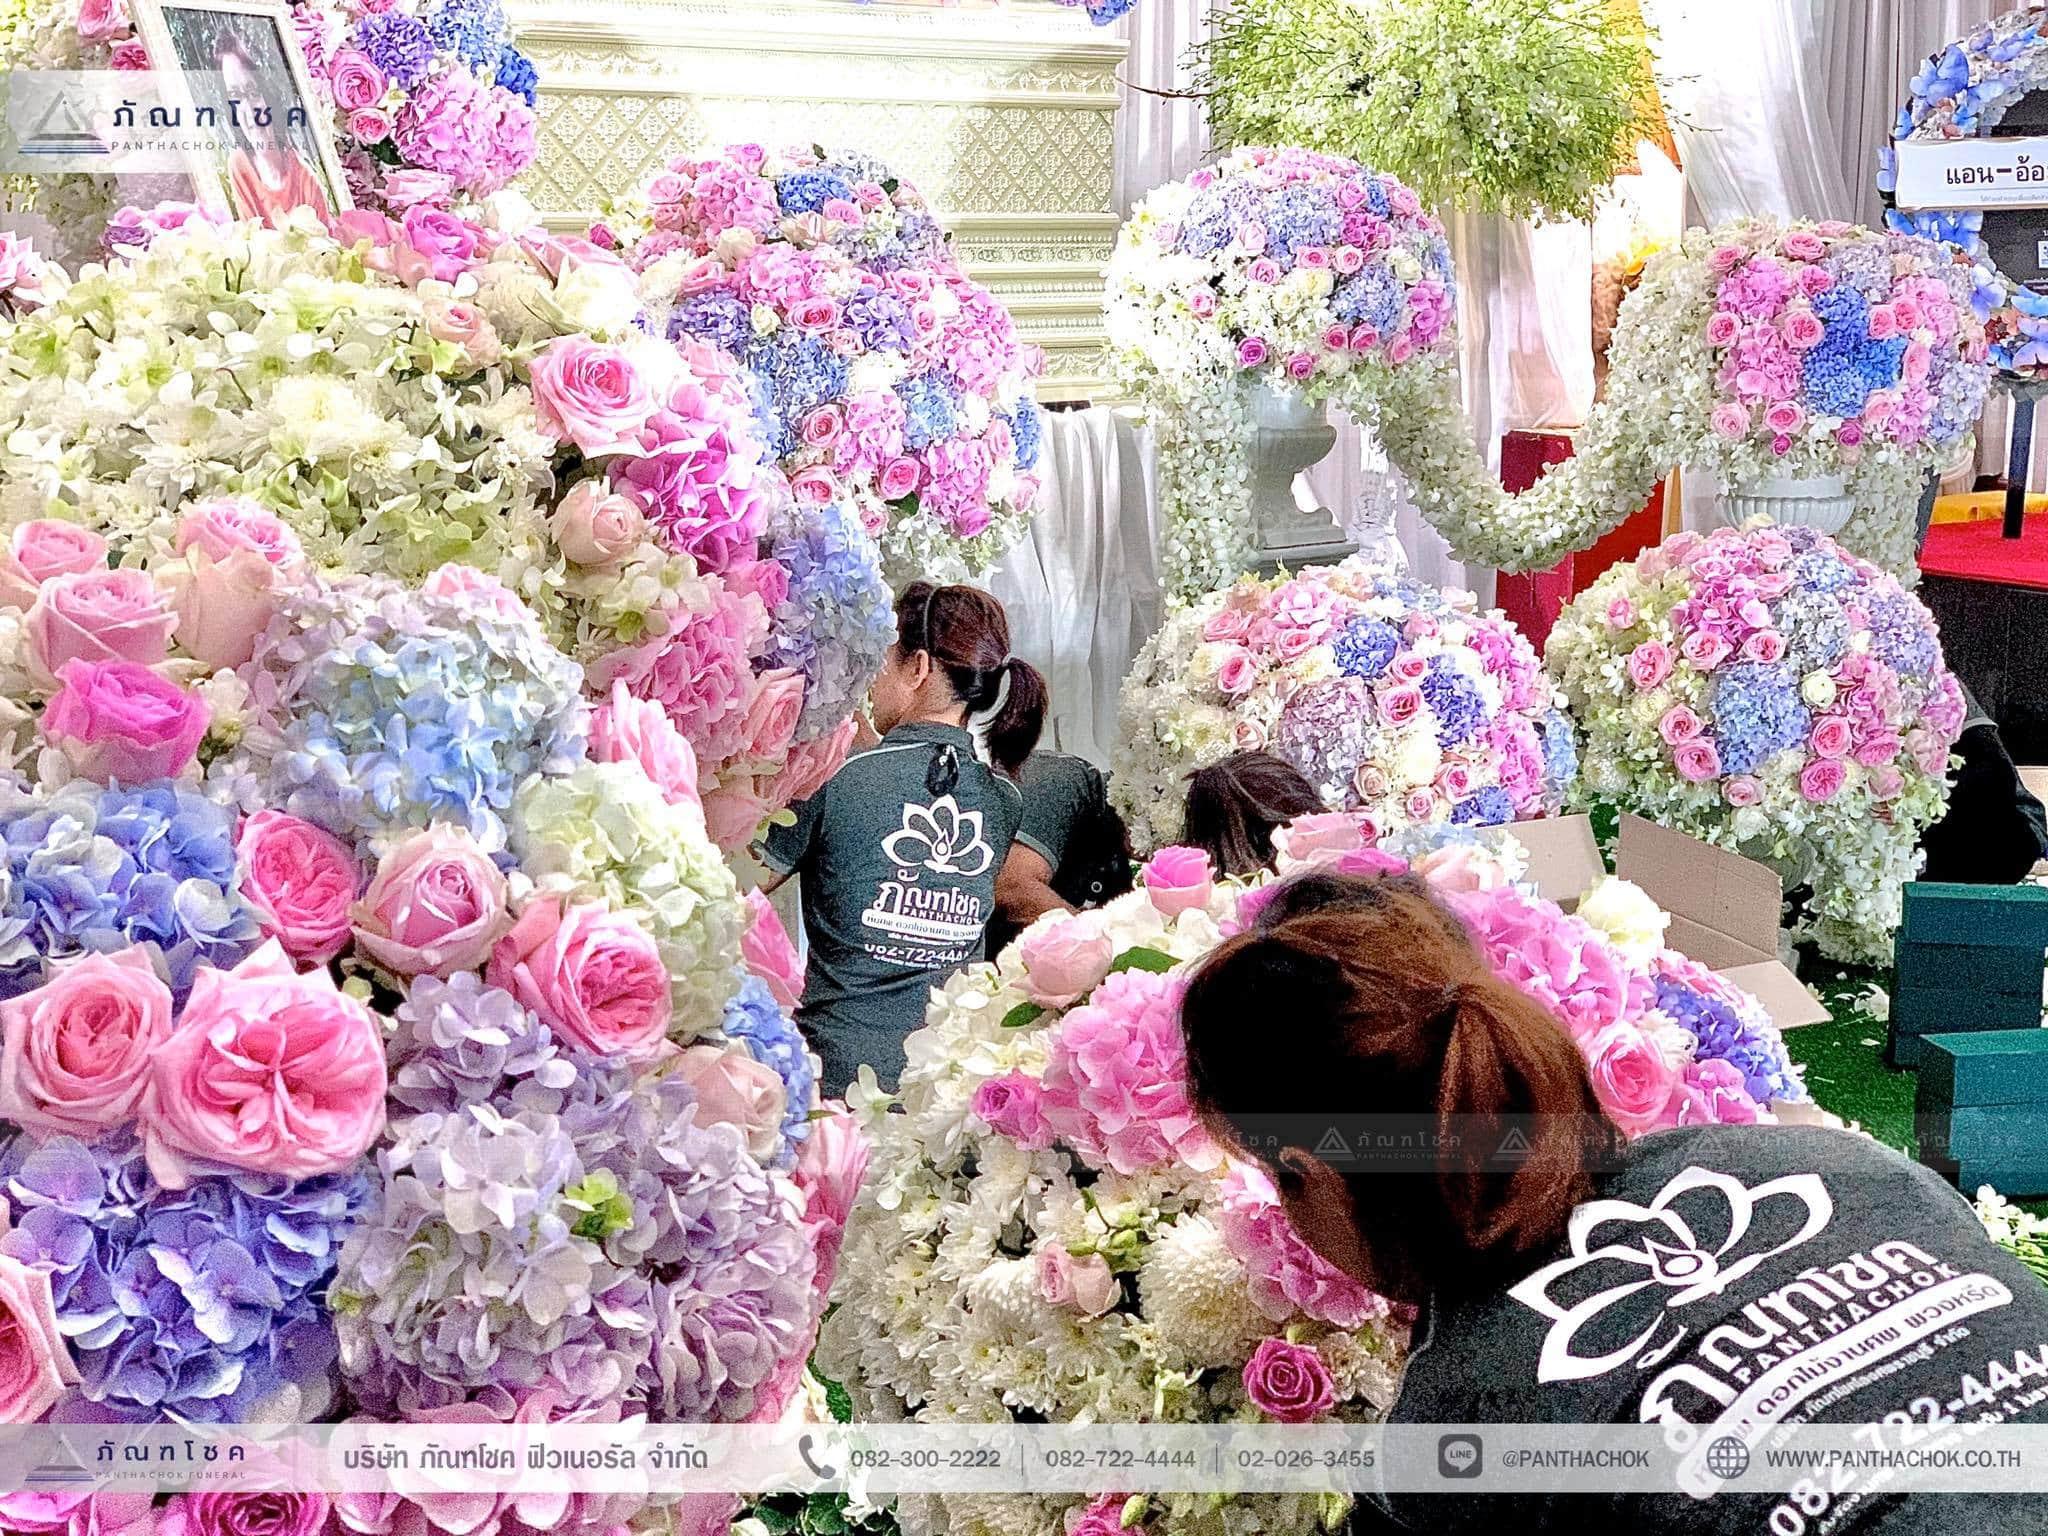 ชุดดอกไม้ประดับหน้าหีบ สไตล์ผู้ดีอังกฤษจิบชายามบ่าย (งานศพคุณแม่ของคุณอ๊อฟ ปองศักดิ์) 2